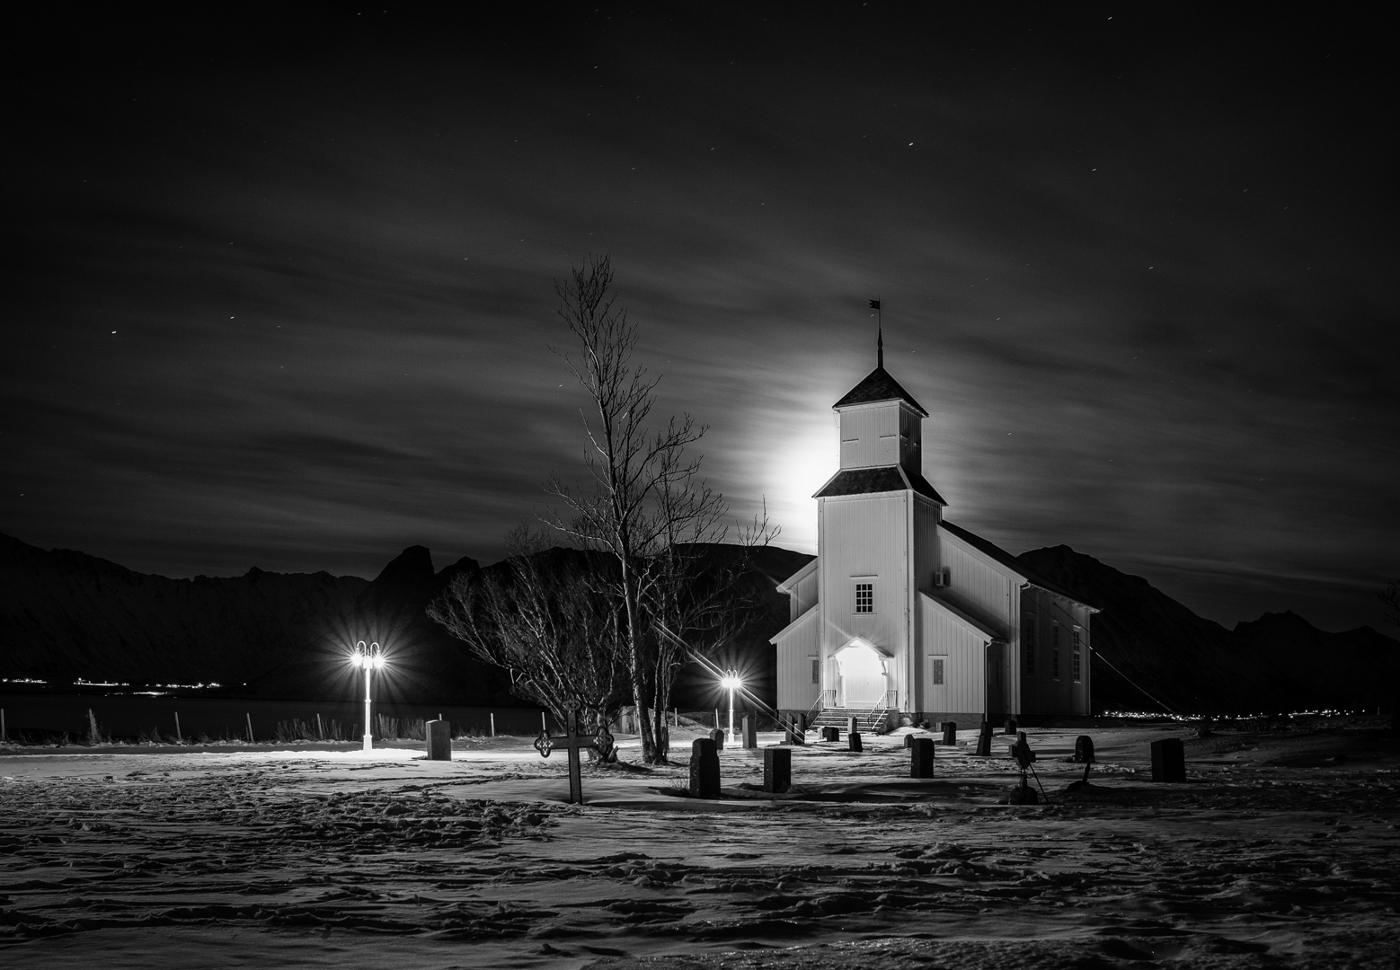 Moon night | © Irmgard Crispin